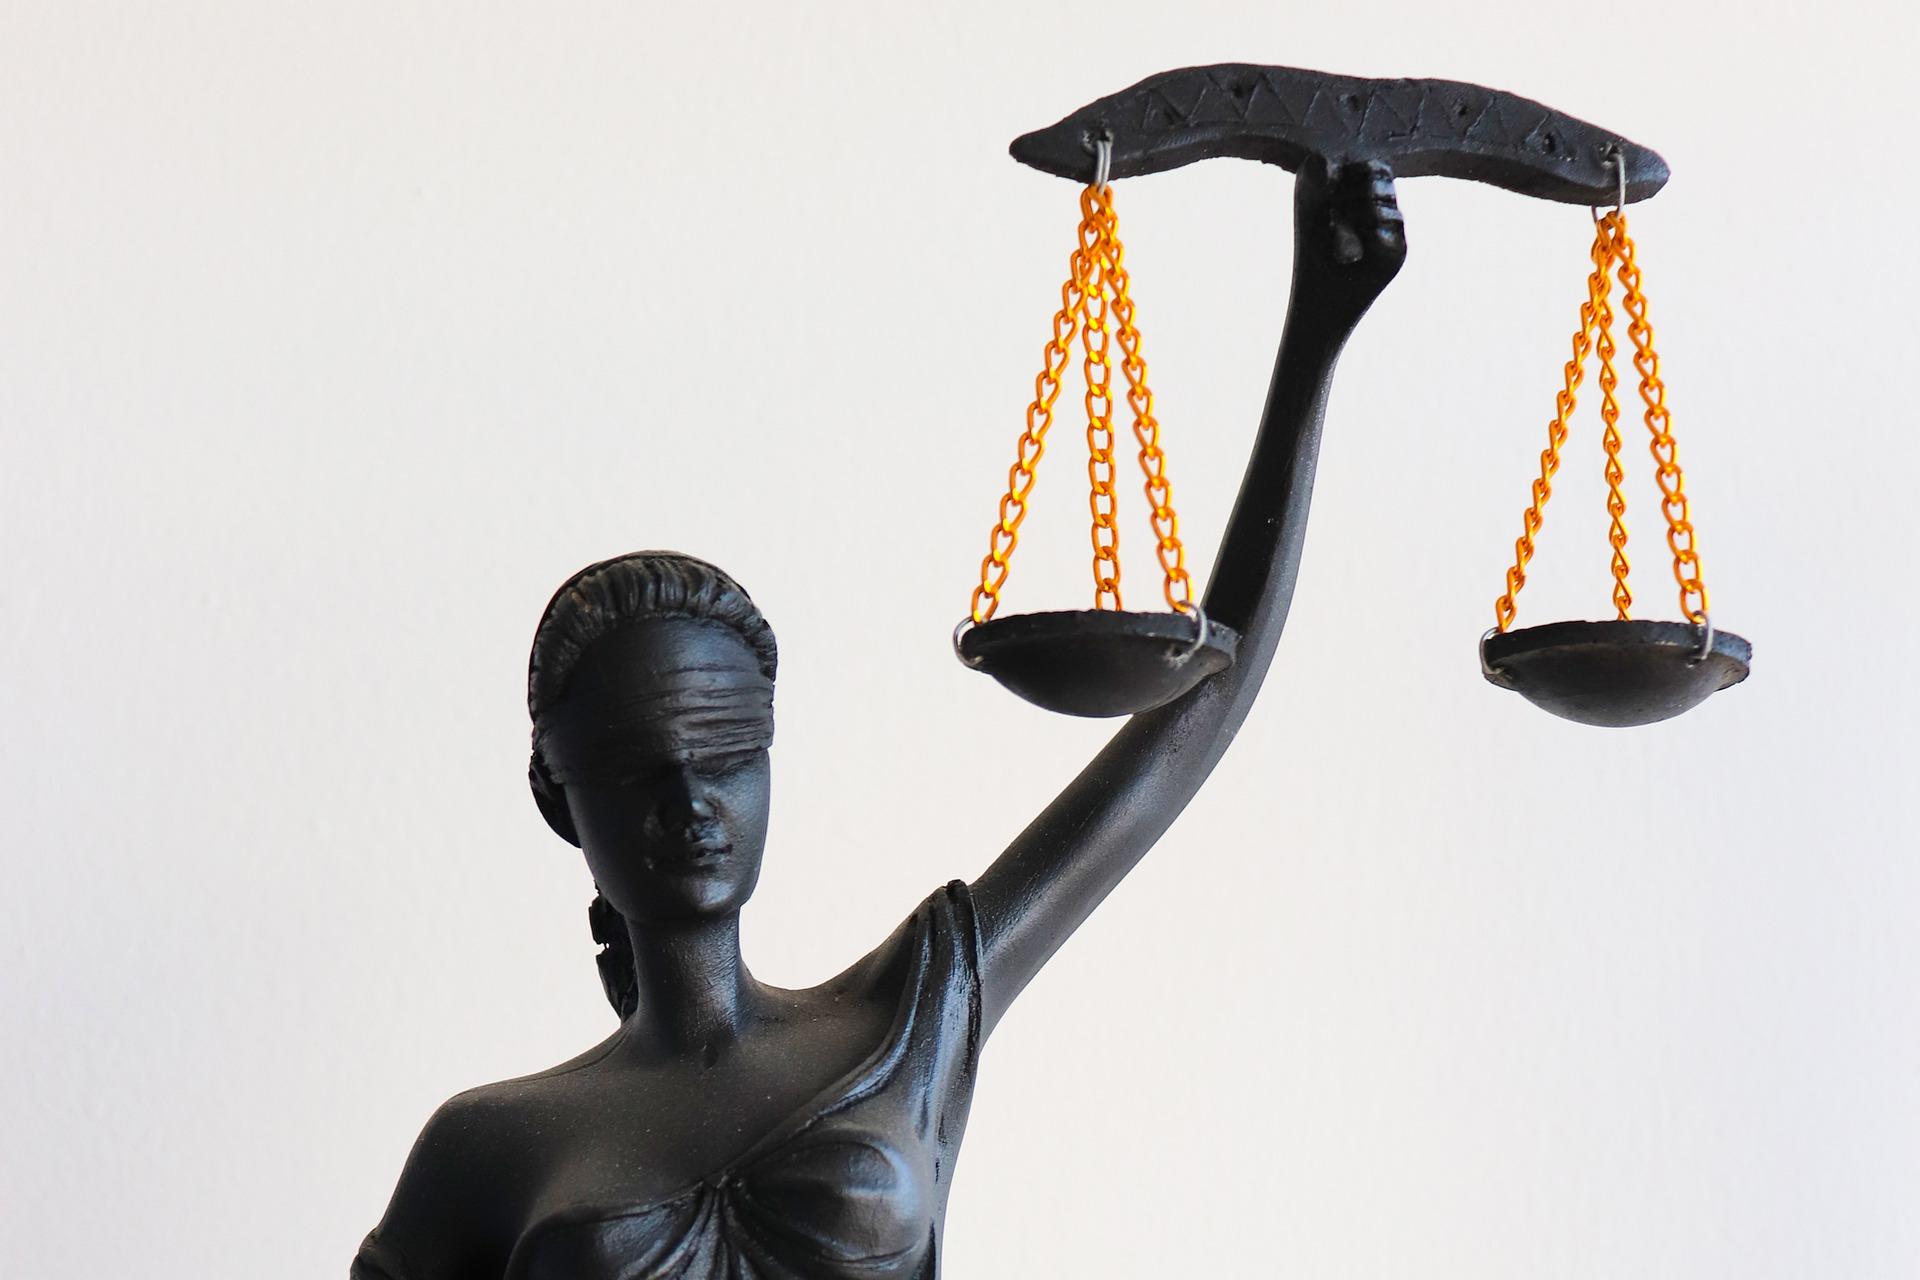 Le secrétaire du CSE n'est pas de droit son représentant légal